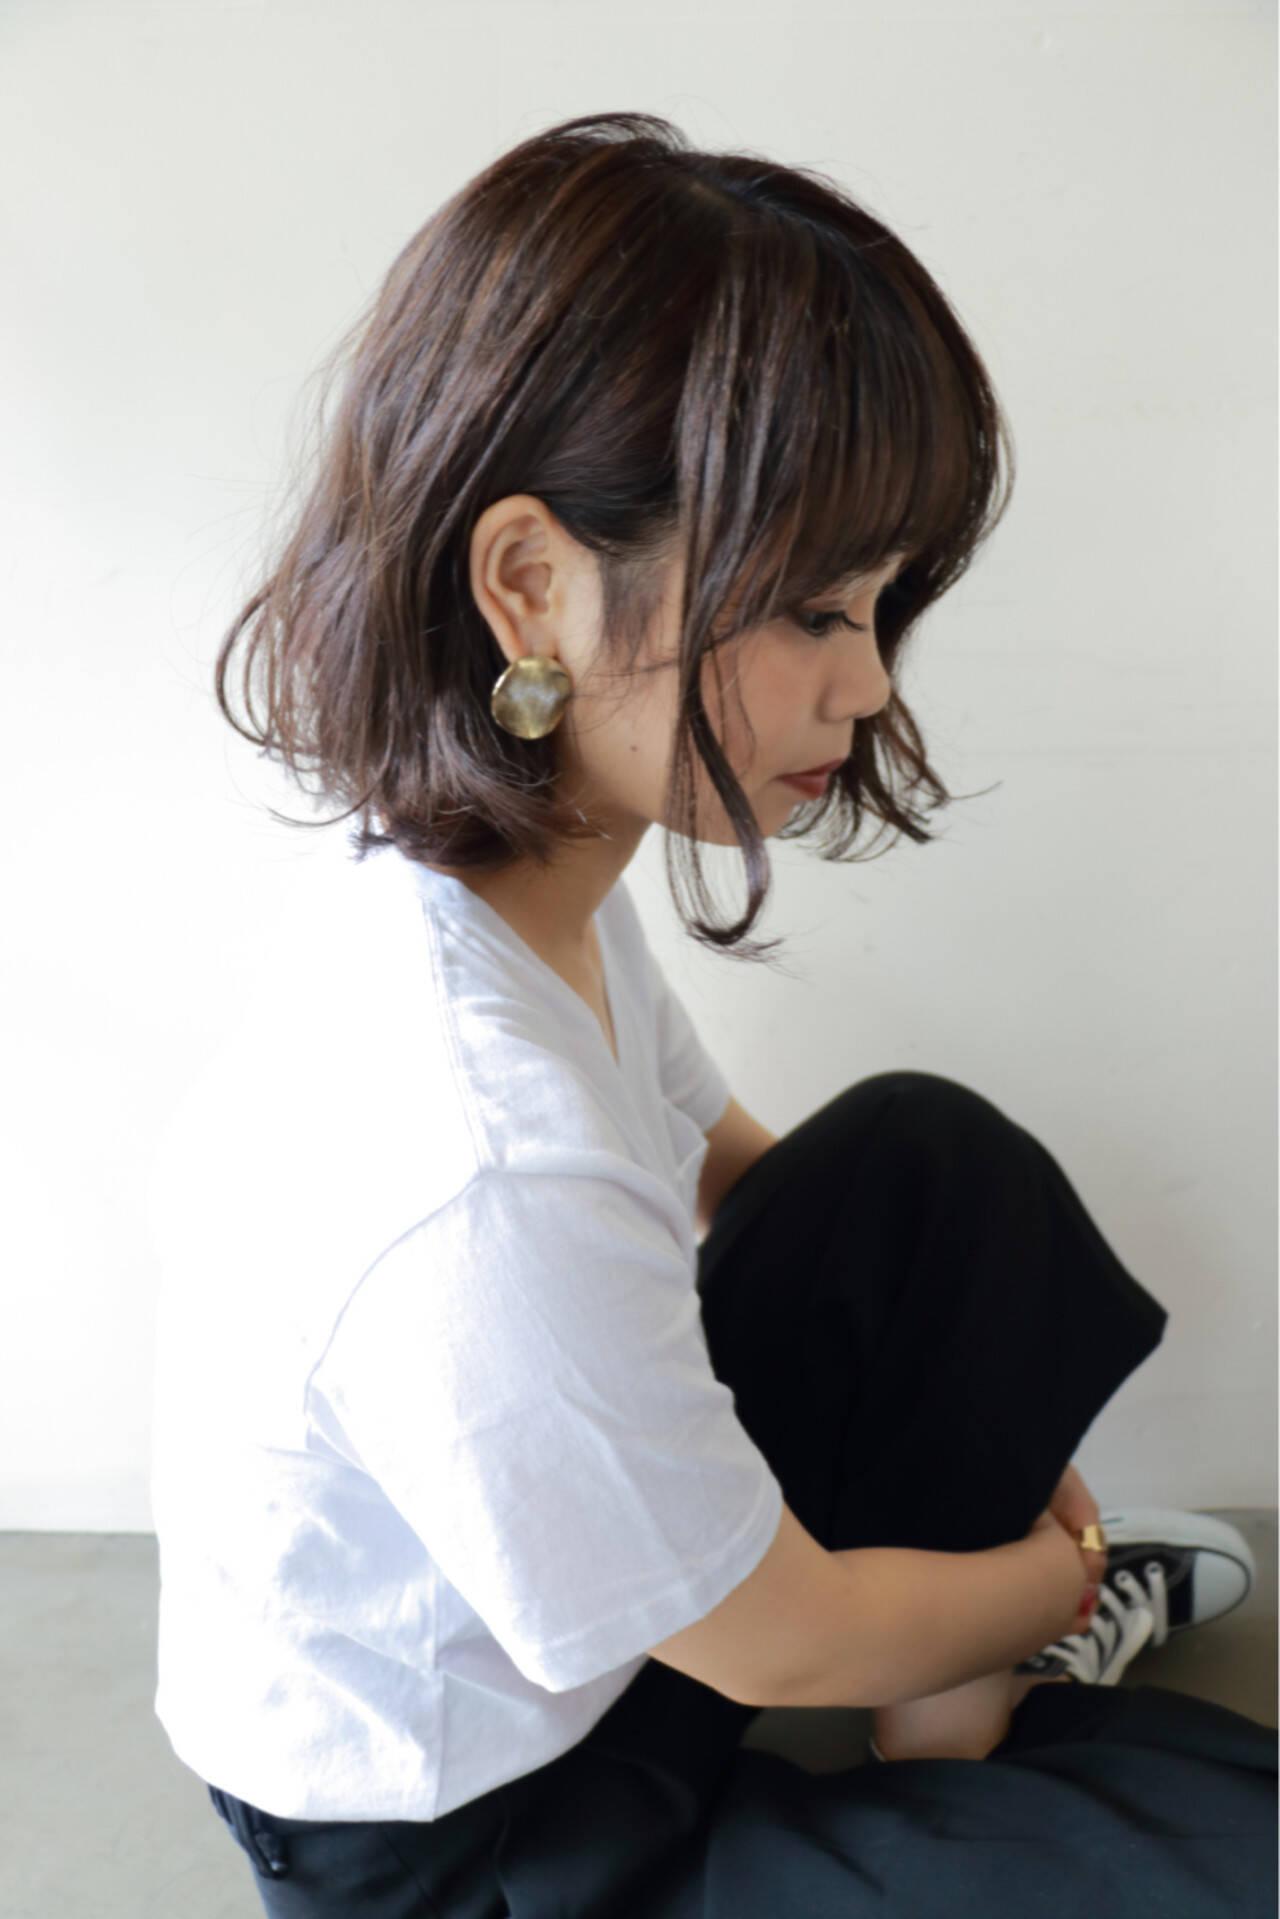 アッシュ ミディアム 大人かわいい ボブヘアスタイルや髪型の写真・画像